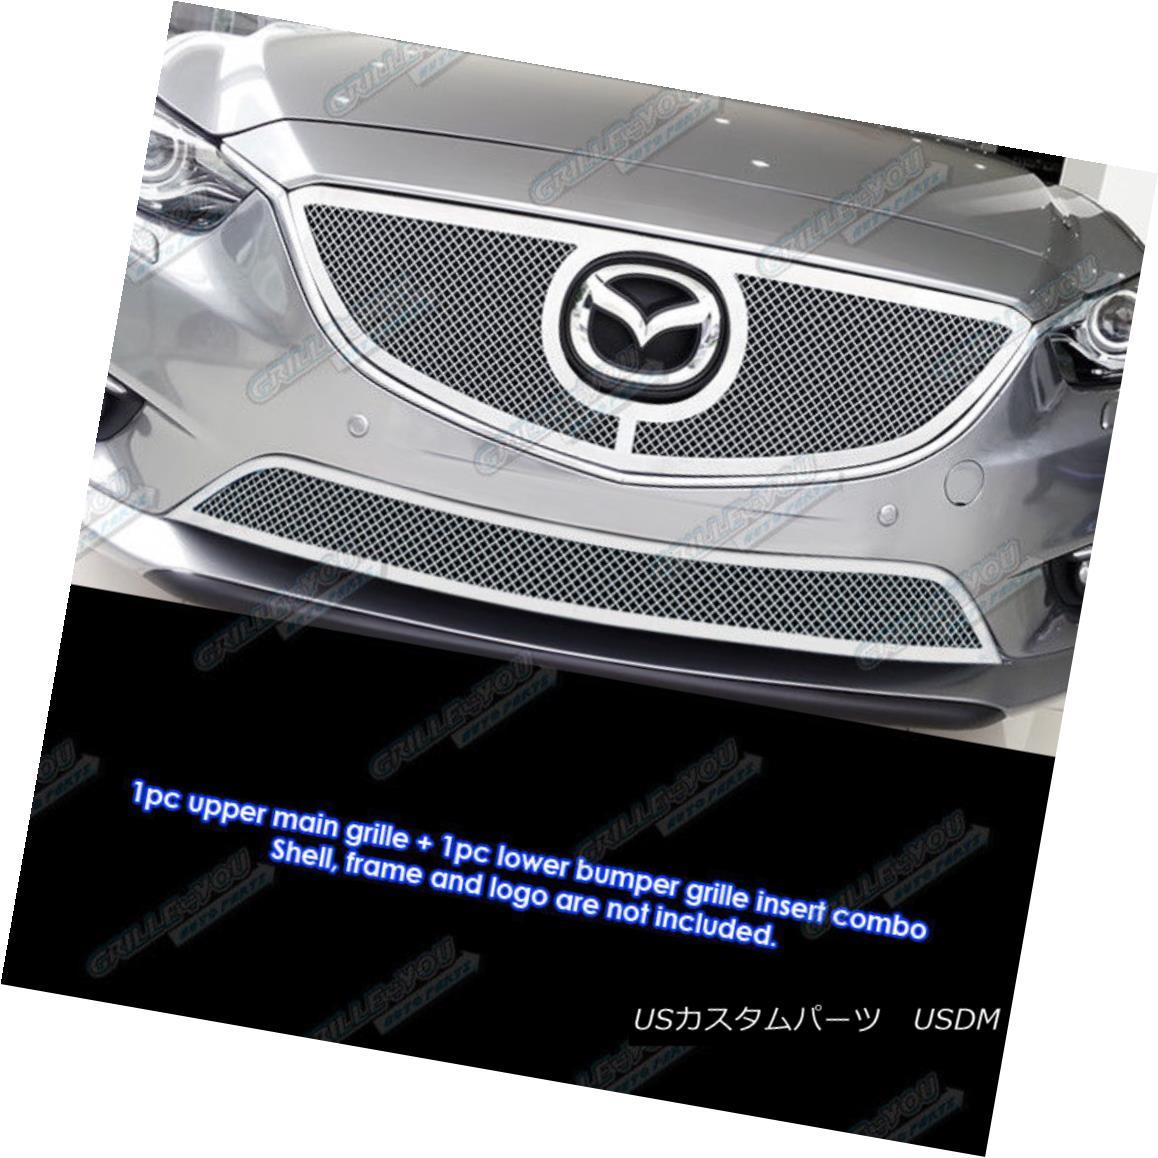 グリル Fits 2013-2015 Mazda 6 Stainless Steel Bolt Over Mesh Grille Combo 2013-2015 Mazda 6ステンレスボルトをメッシュグリルコンボにフィット